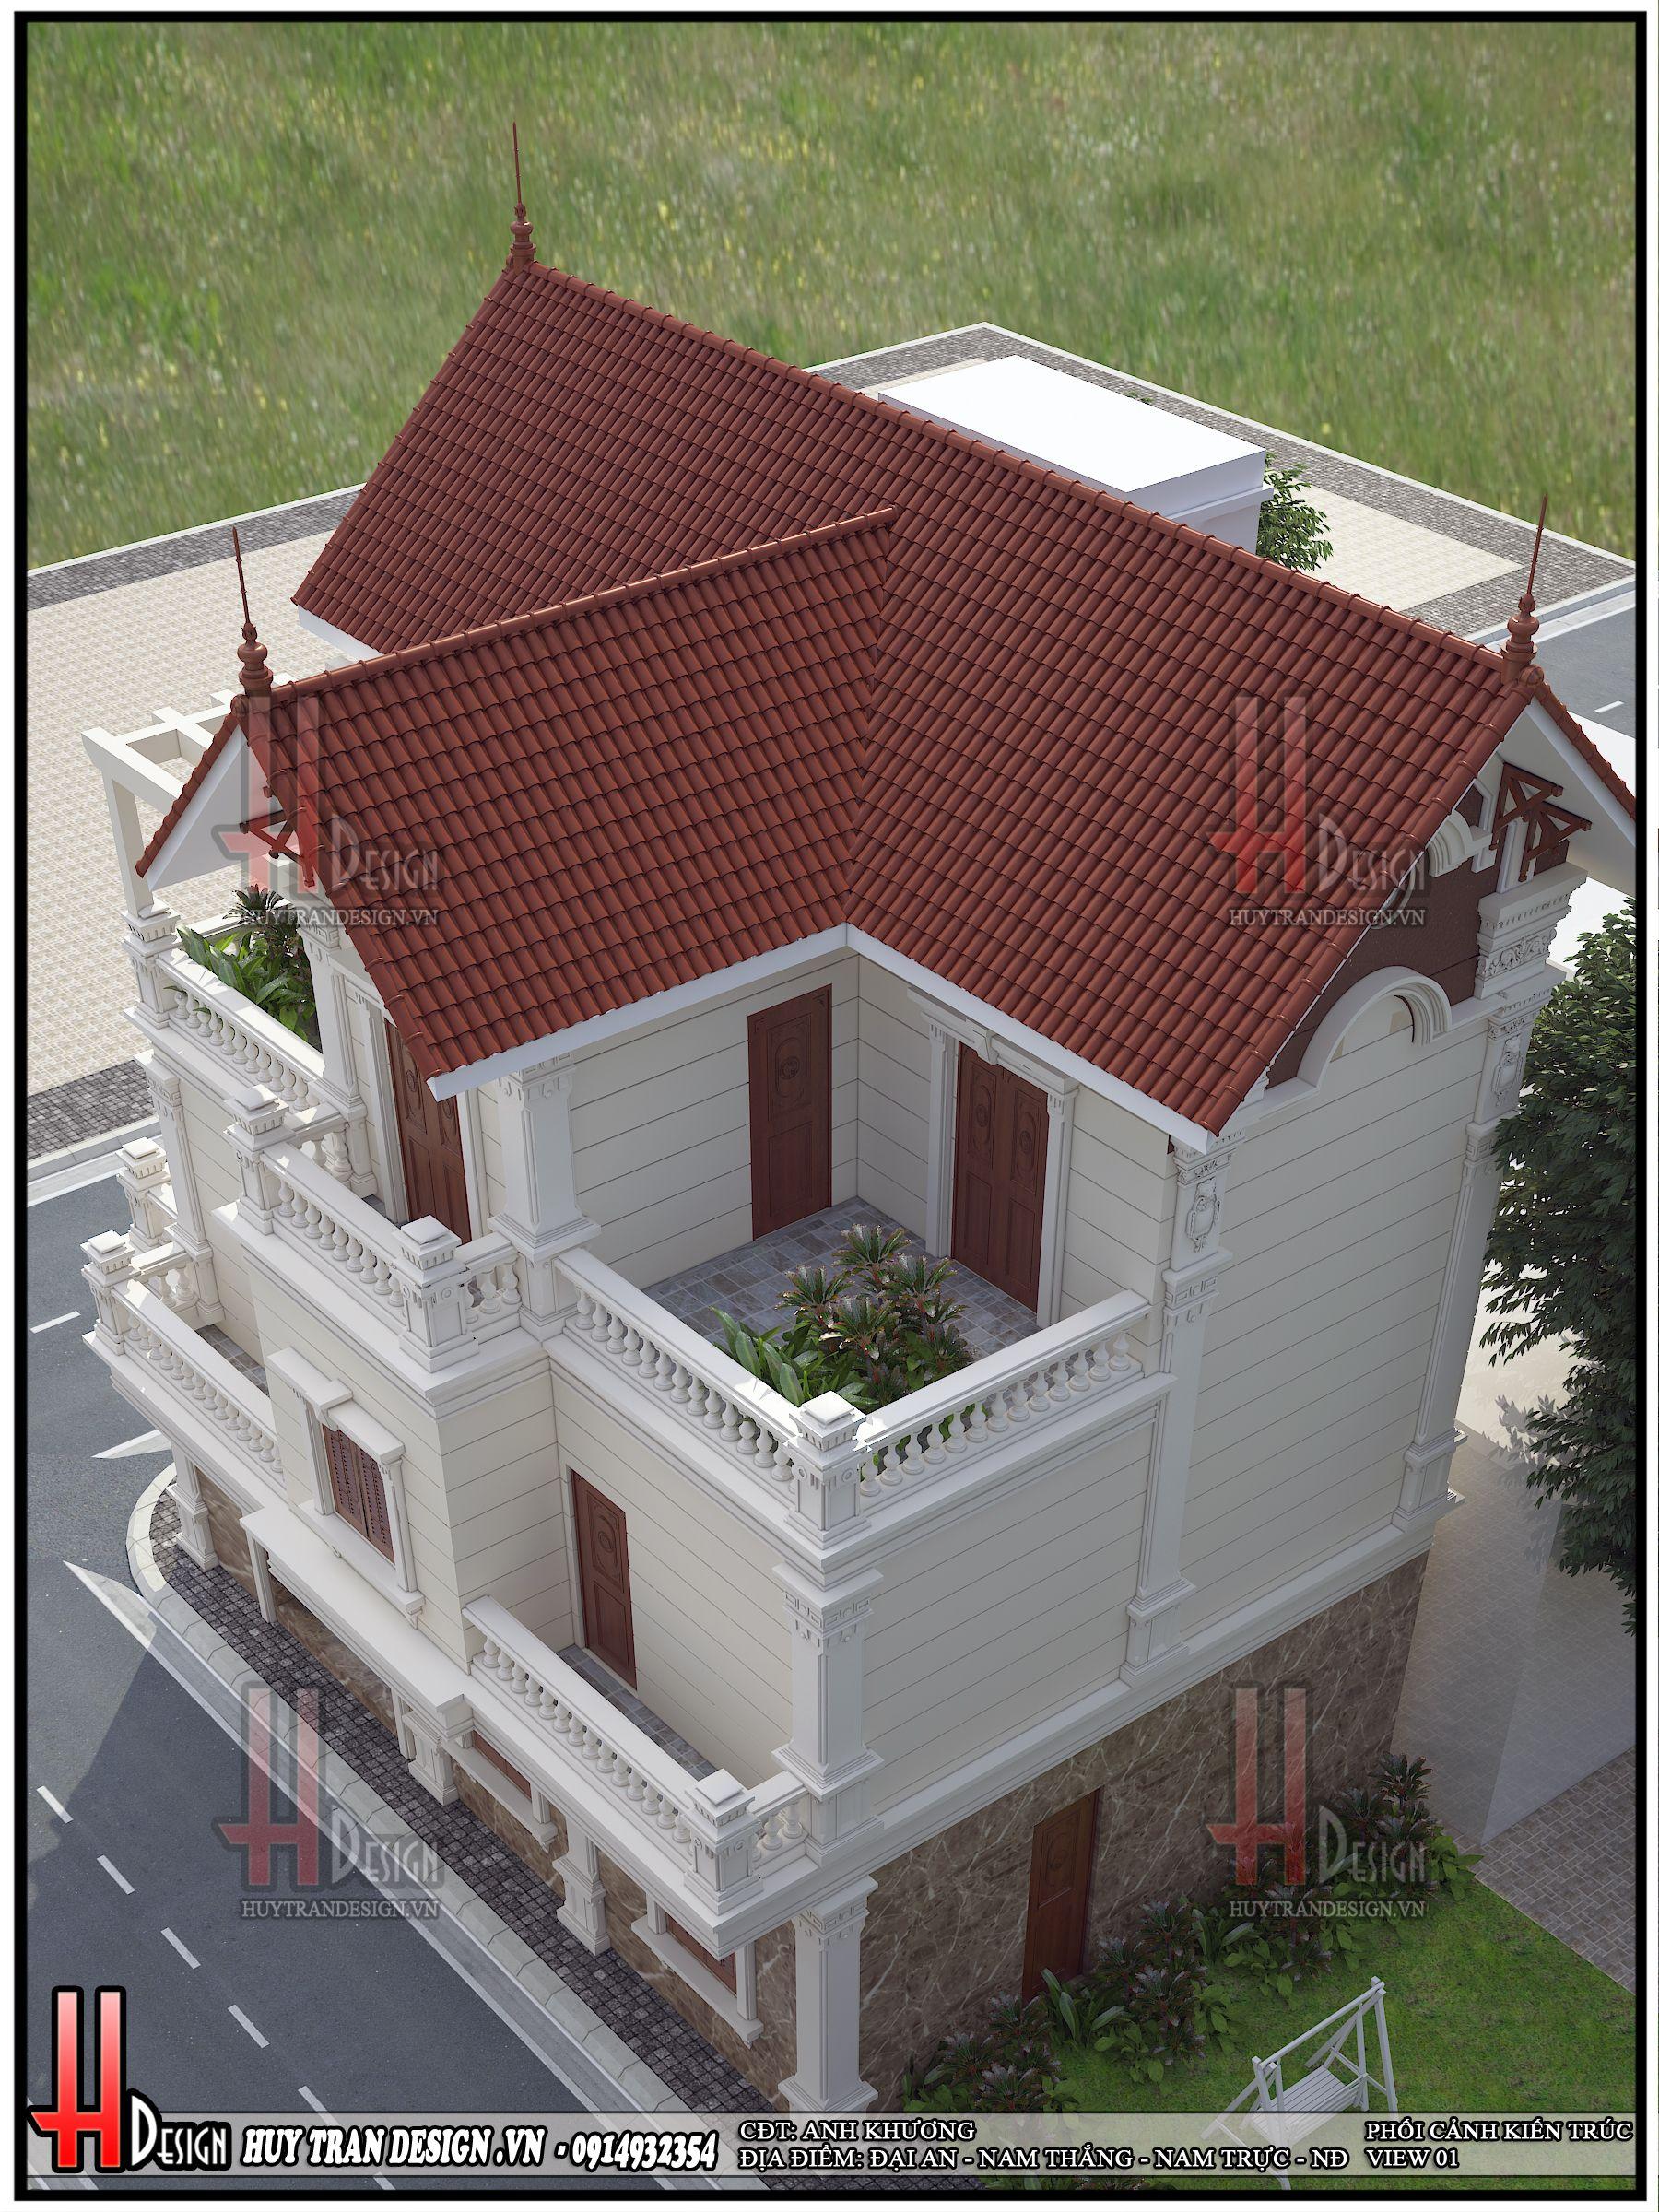 Mẫu thiết kế biệt thự tân cổ điển 3 tầng tại Nam Định